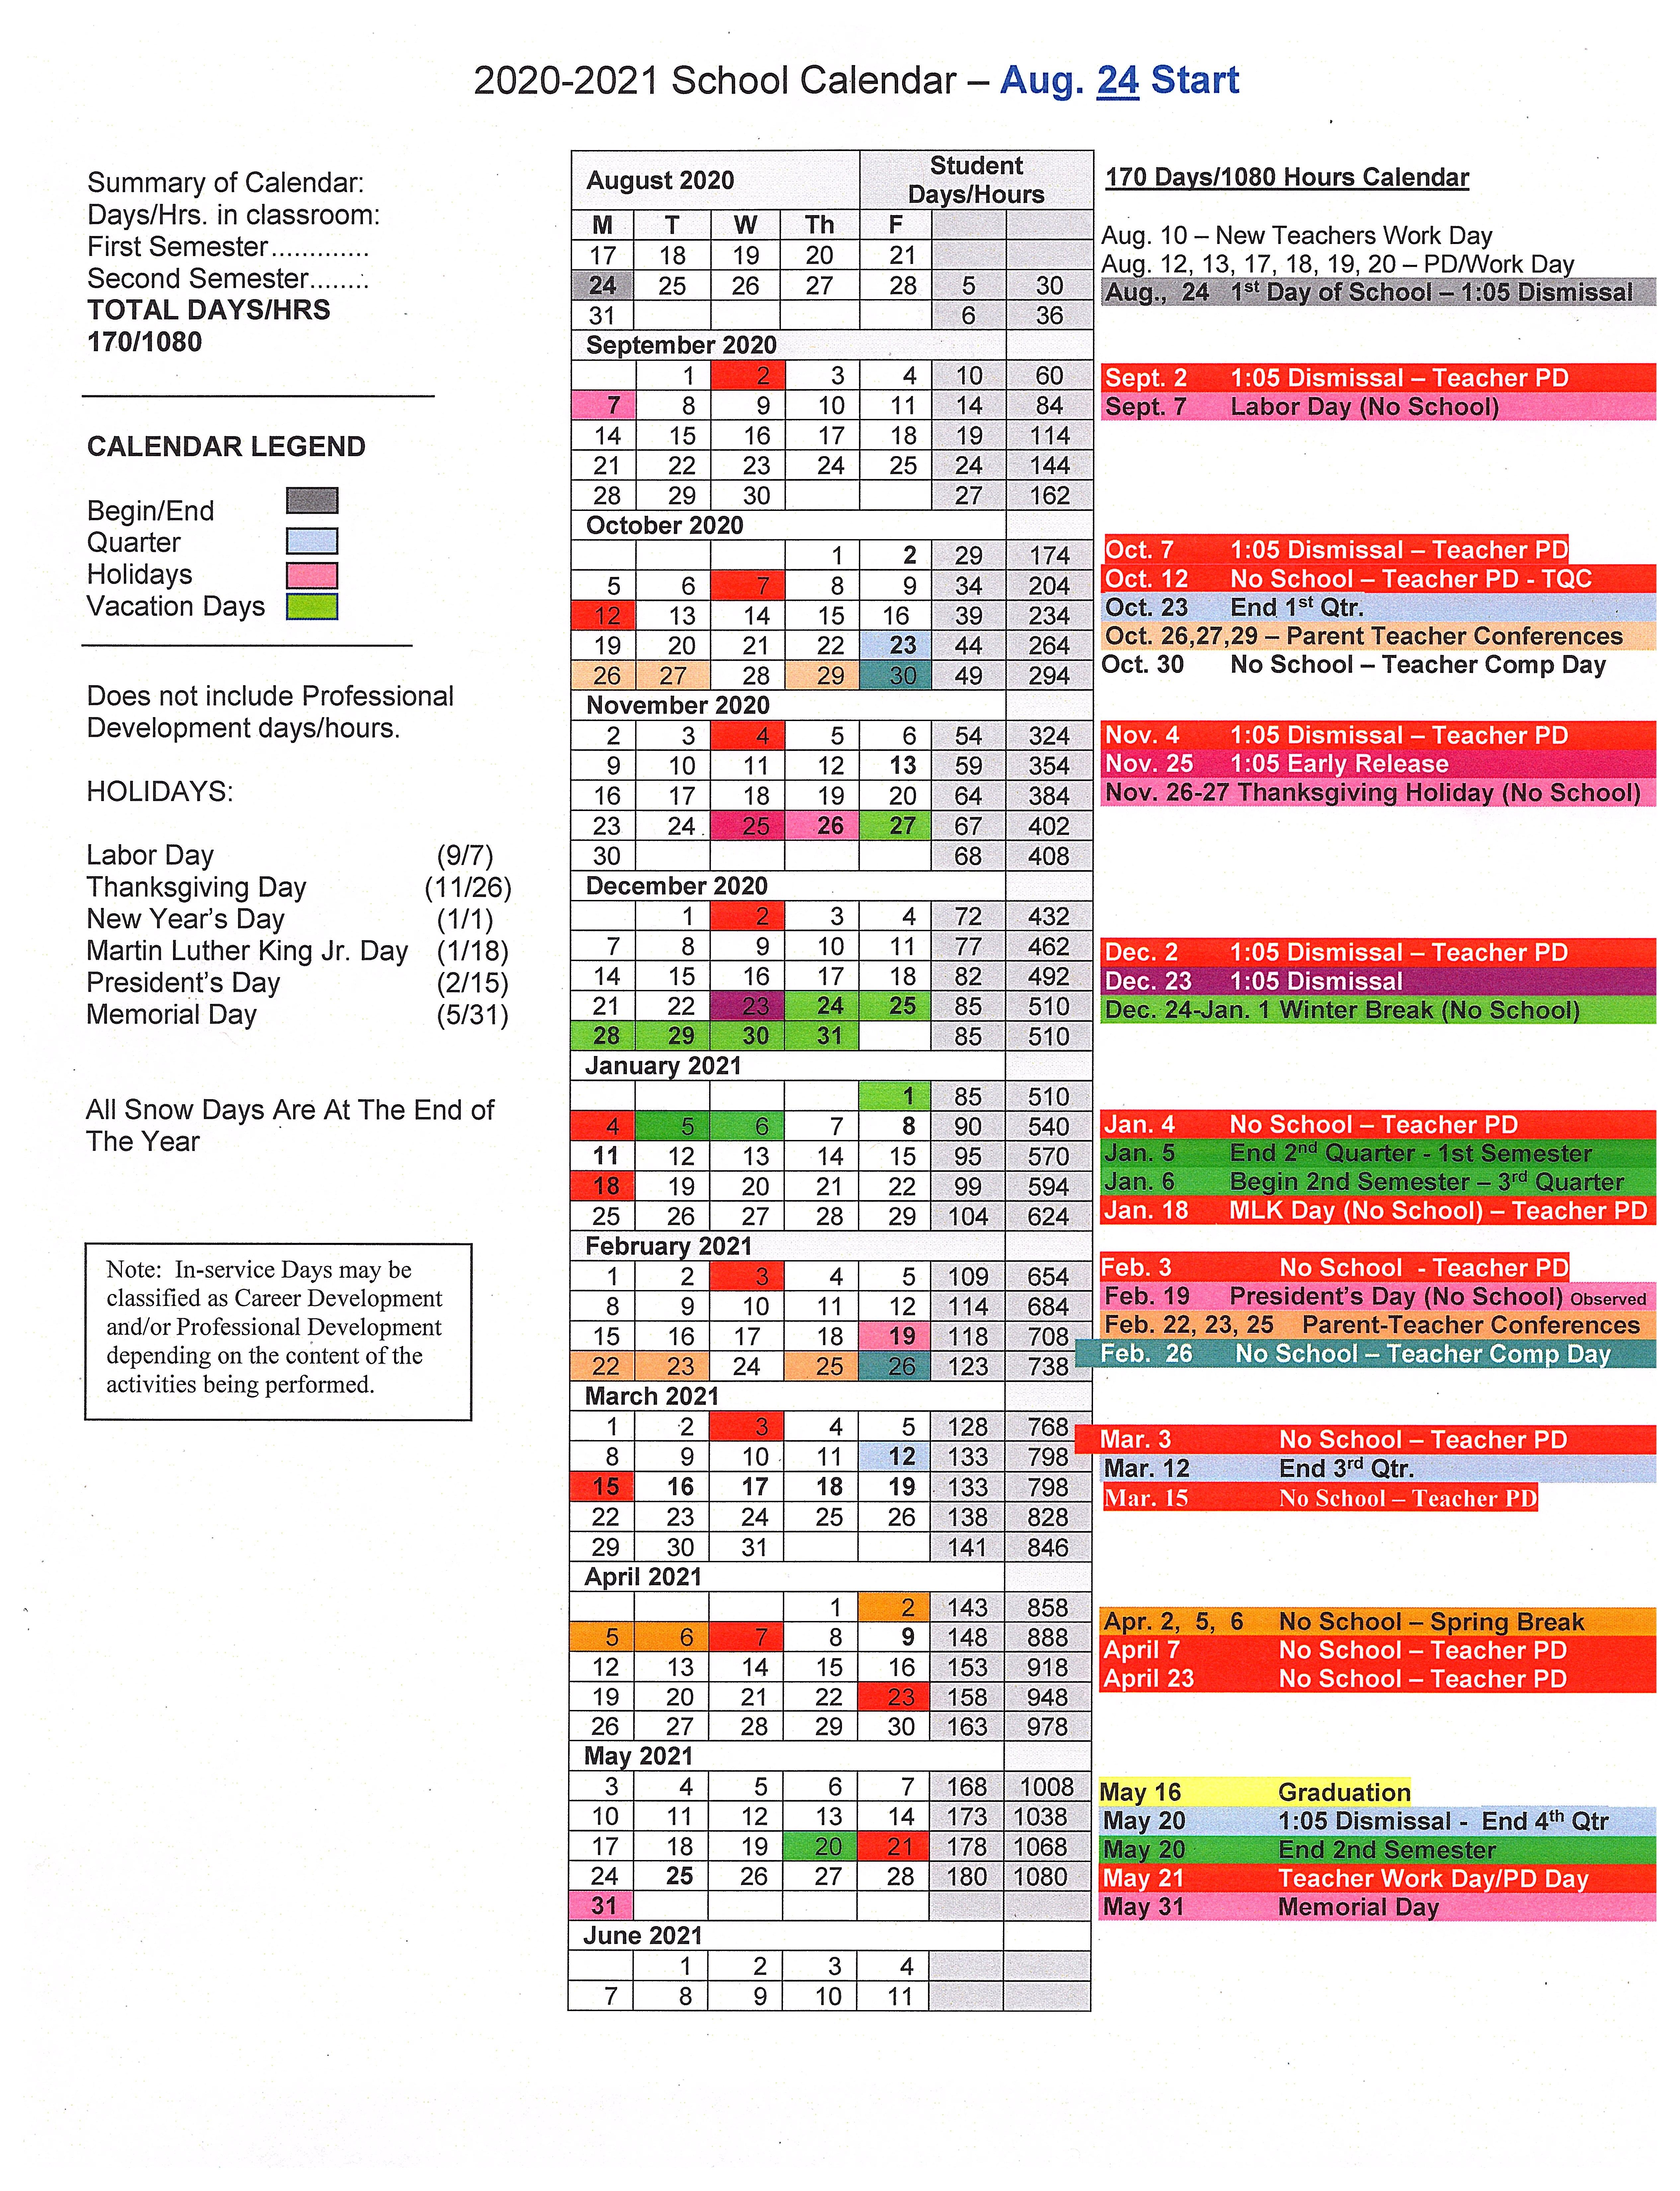 Sumner Fredericksburg School District In Dare County School Calendar 2021